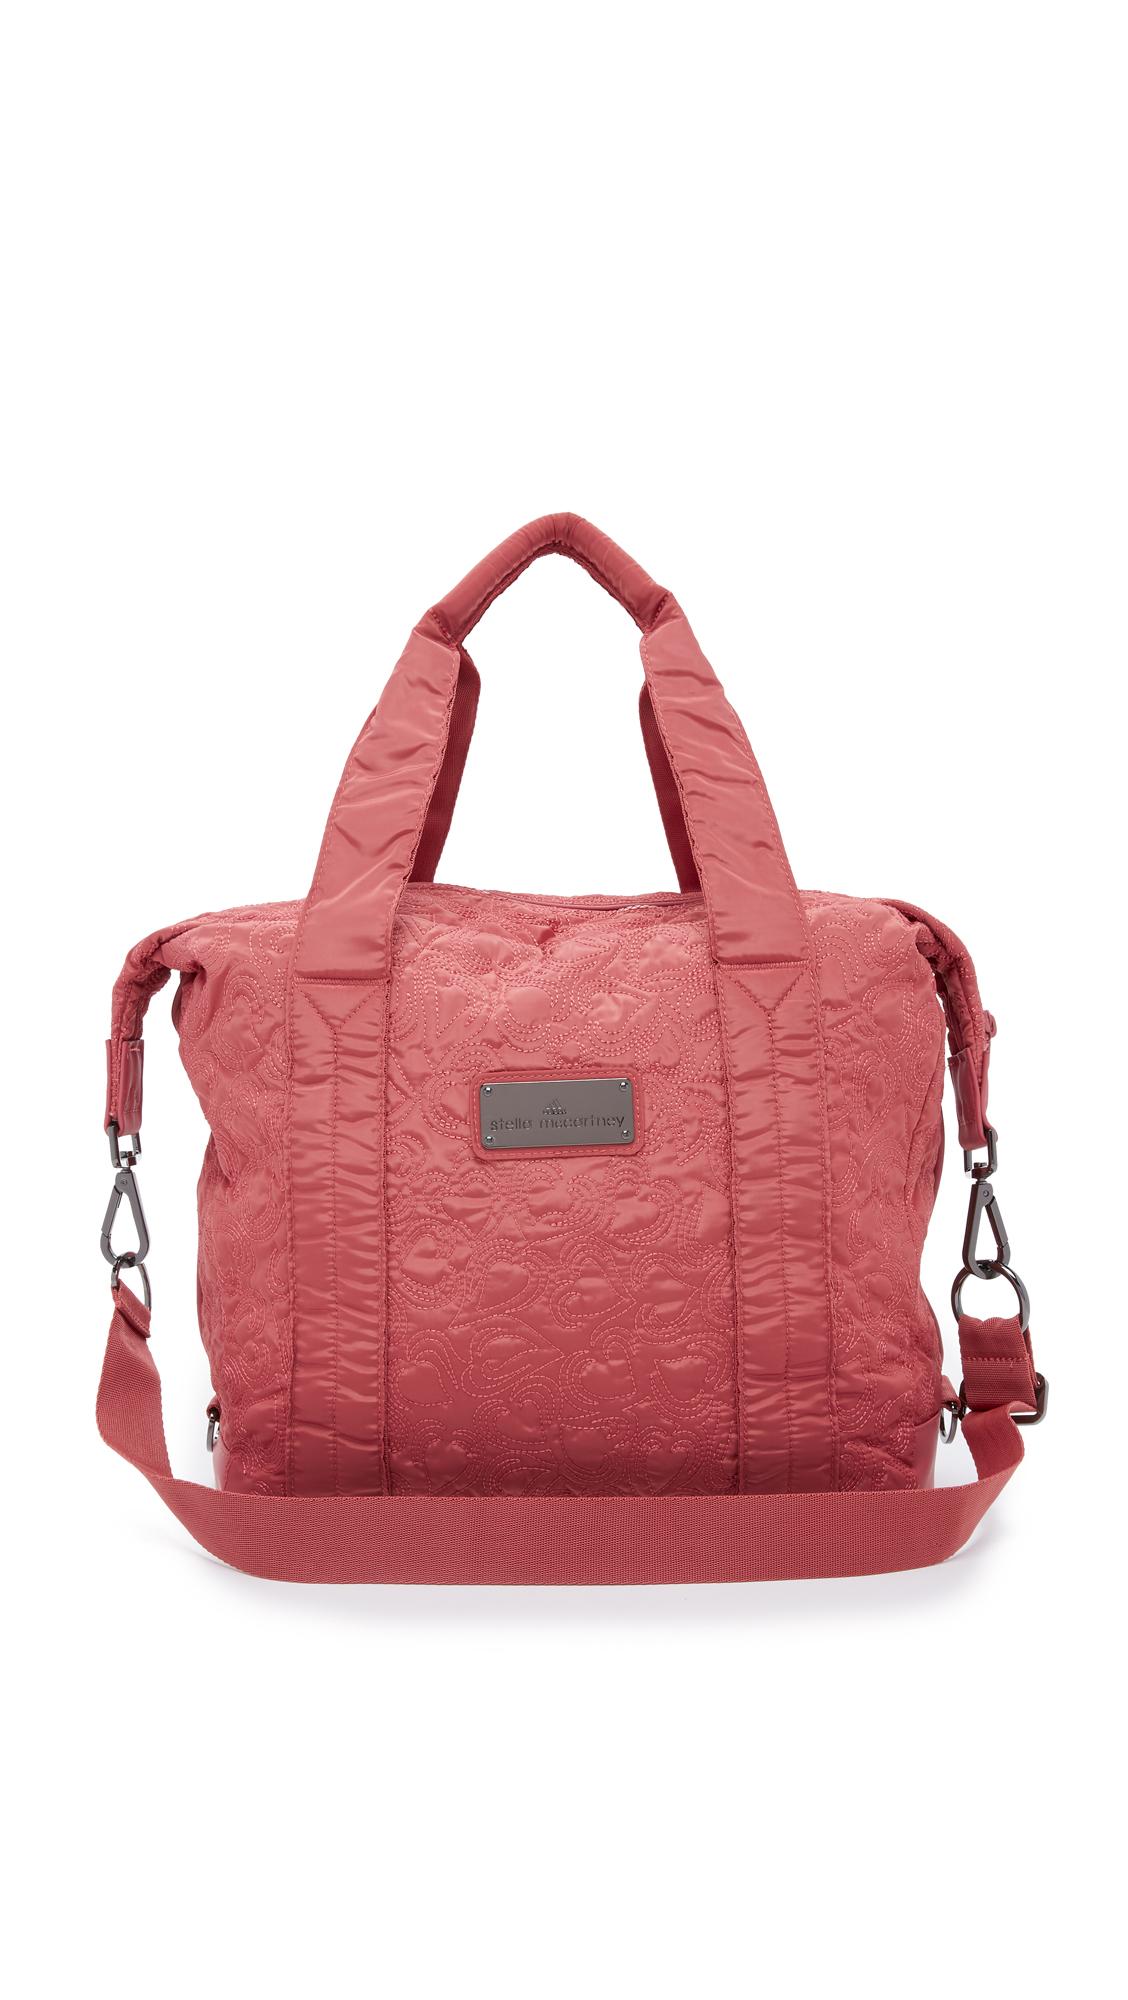 bdbb4a4e78 Lyst - adidas By Stella McCartney Small Gym Bag in Red